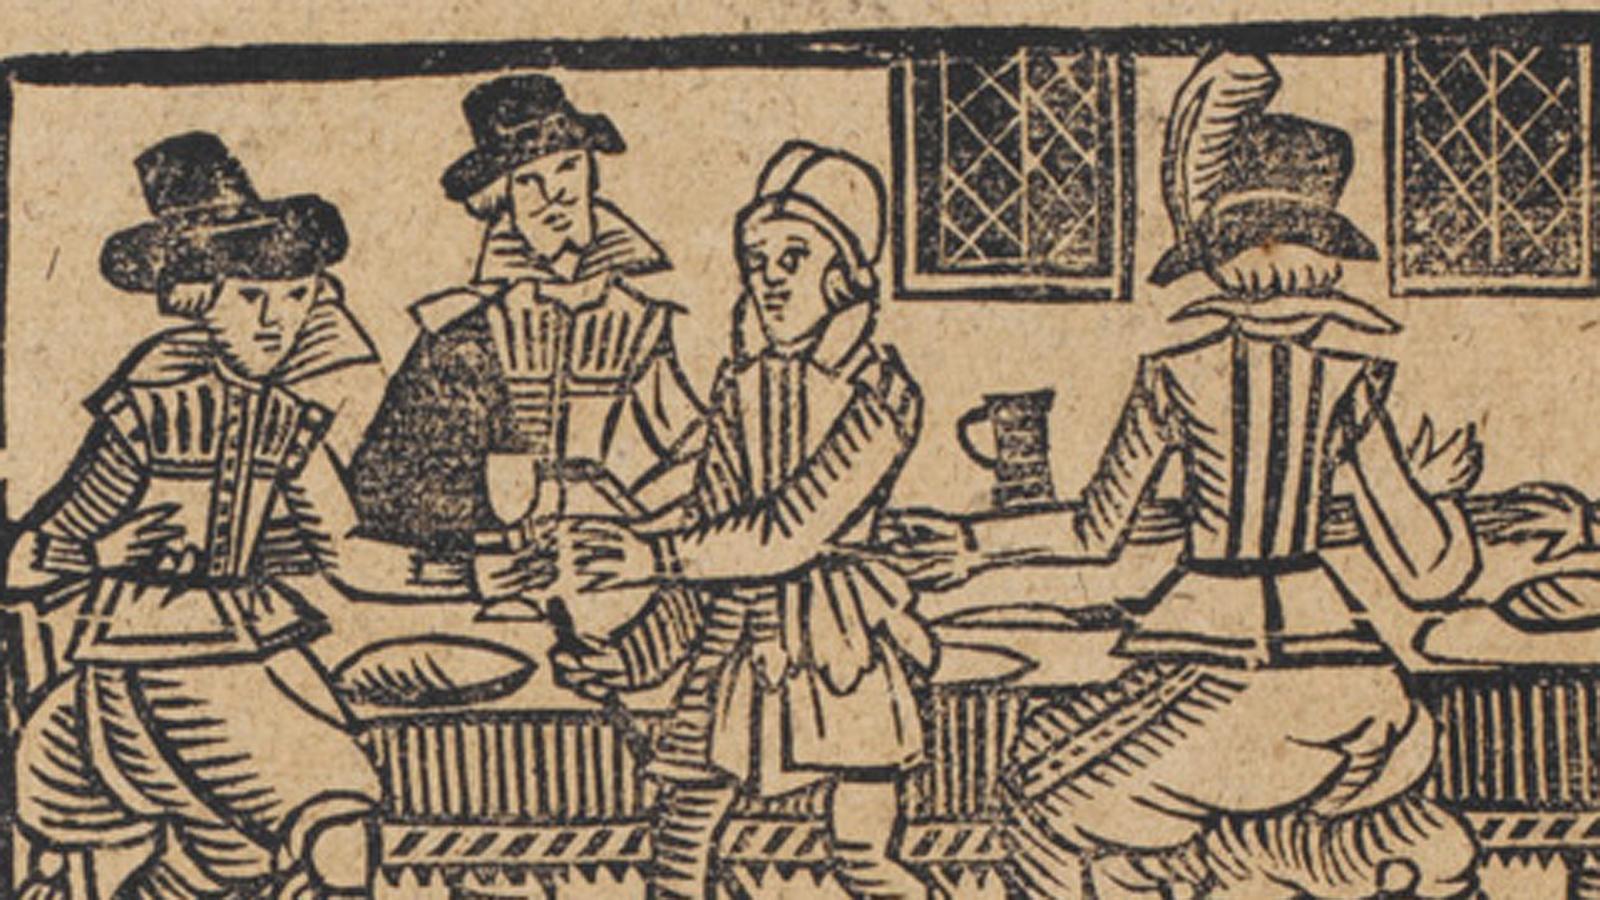 Food in Elizabethan England